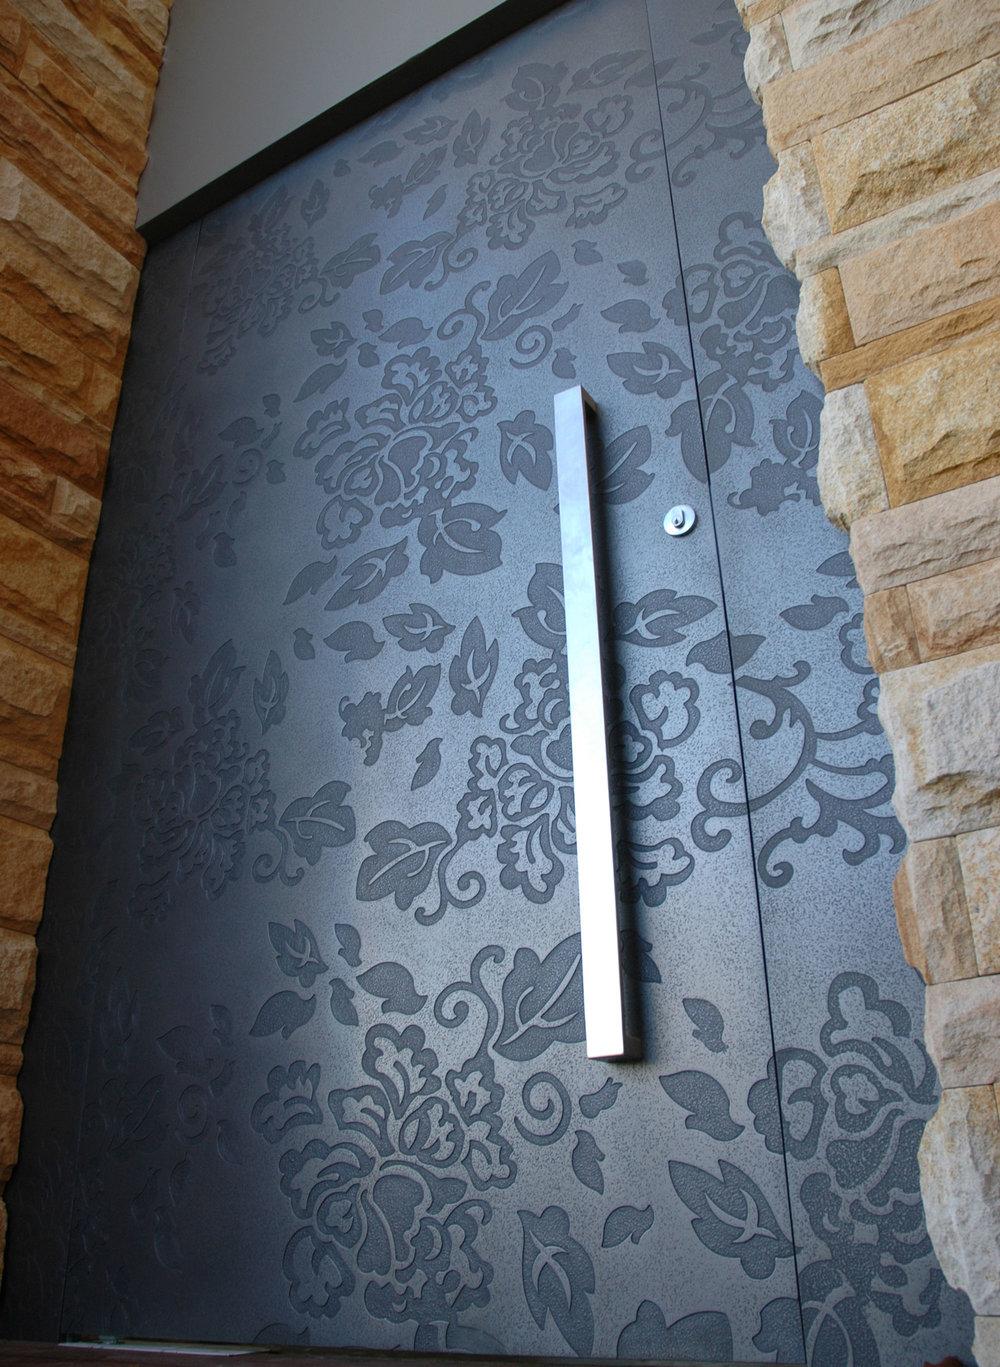 Гравираната - Лазерно-гравиранитеврати дават на собствениците на къщи безкрайни възможности за самоизява. Този флорален отпечатък продължава по протежение на рамкатаот двете страни, за да се продължиефектът й върху екстериора на дома.